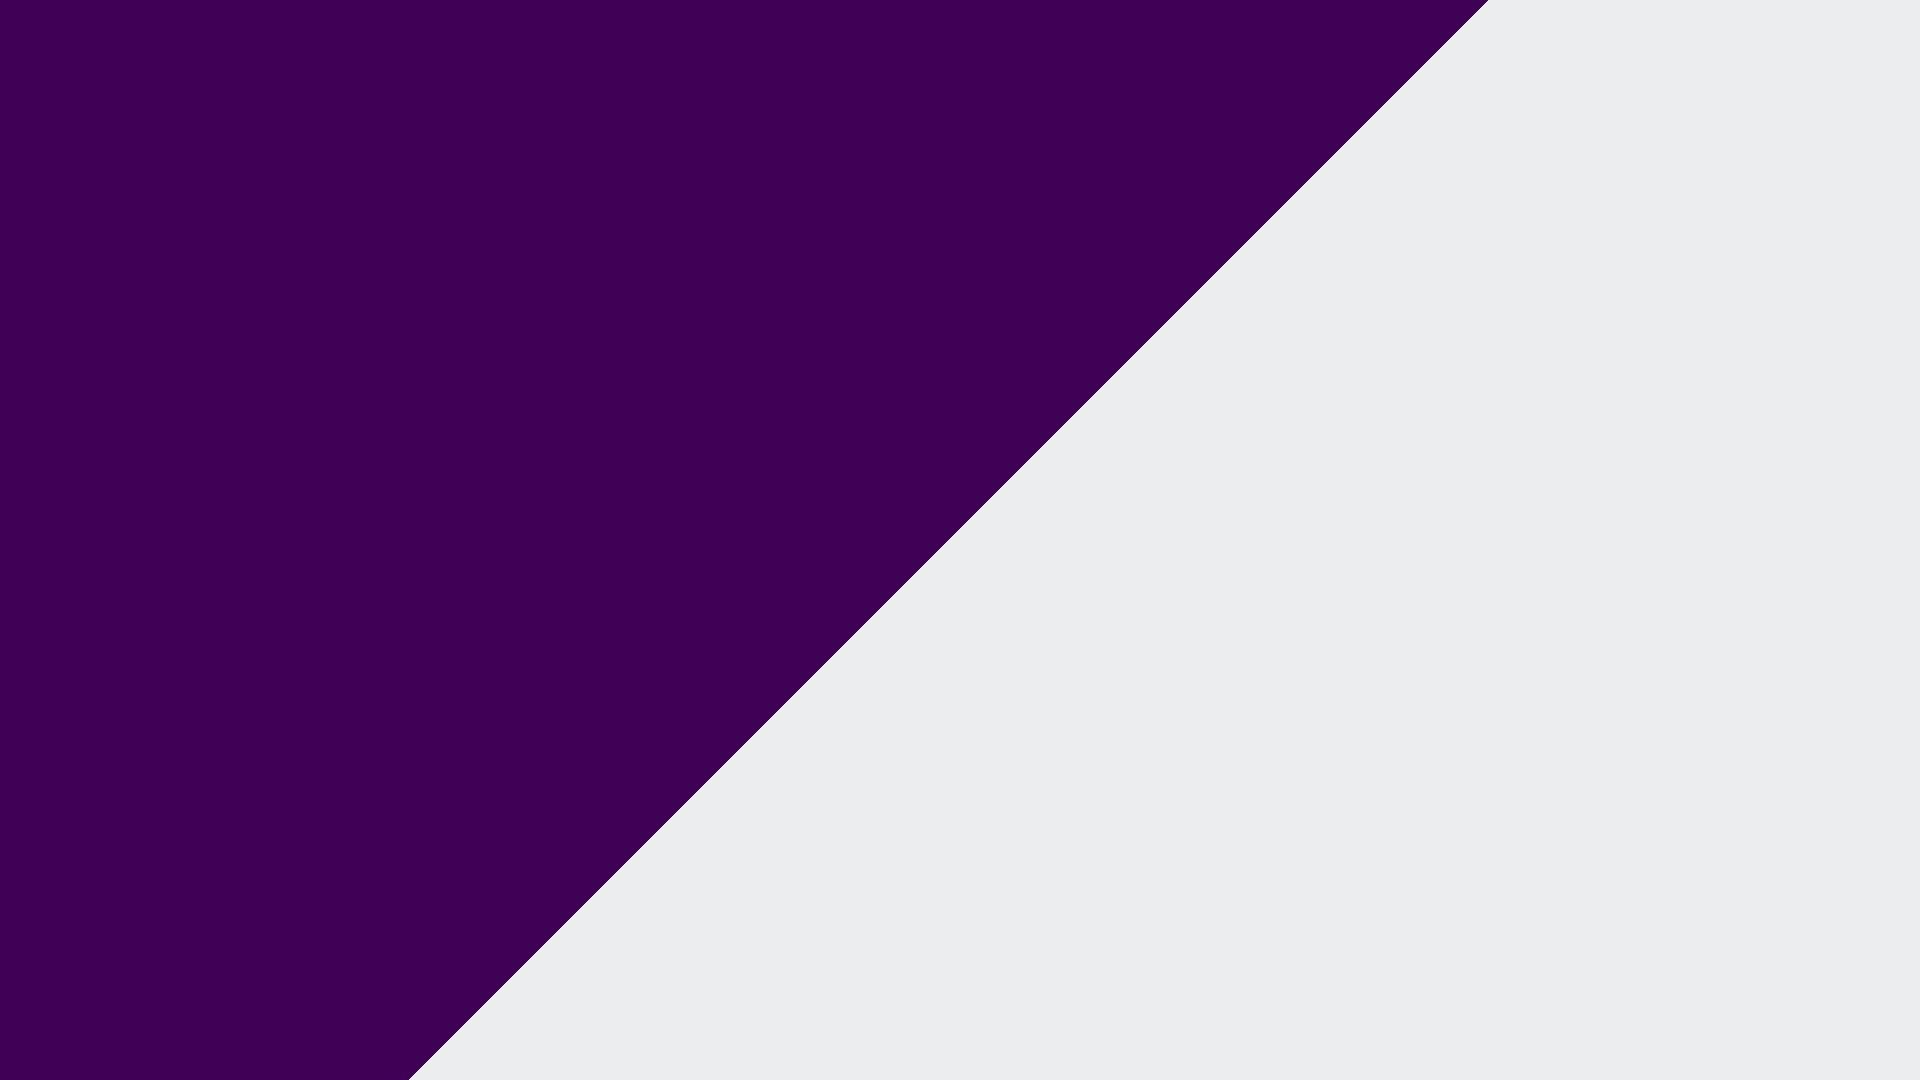 White purple wallpaper | 1920x1080 | 60601 | WallpaperUP